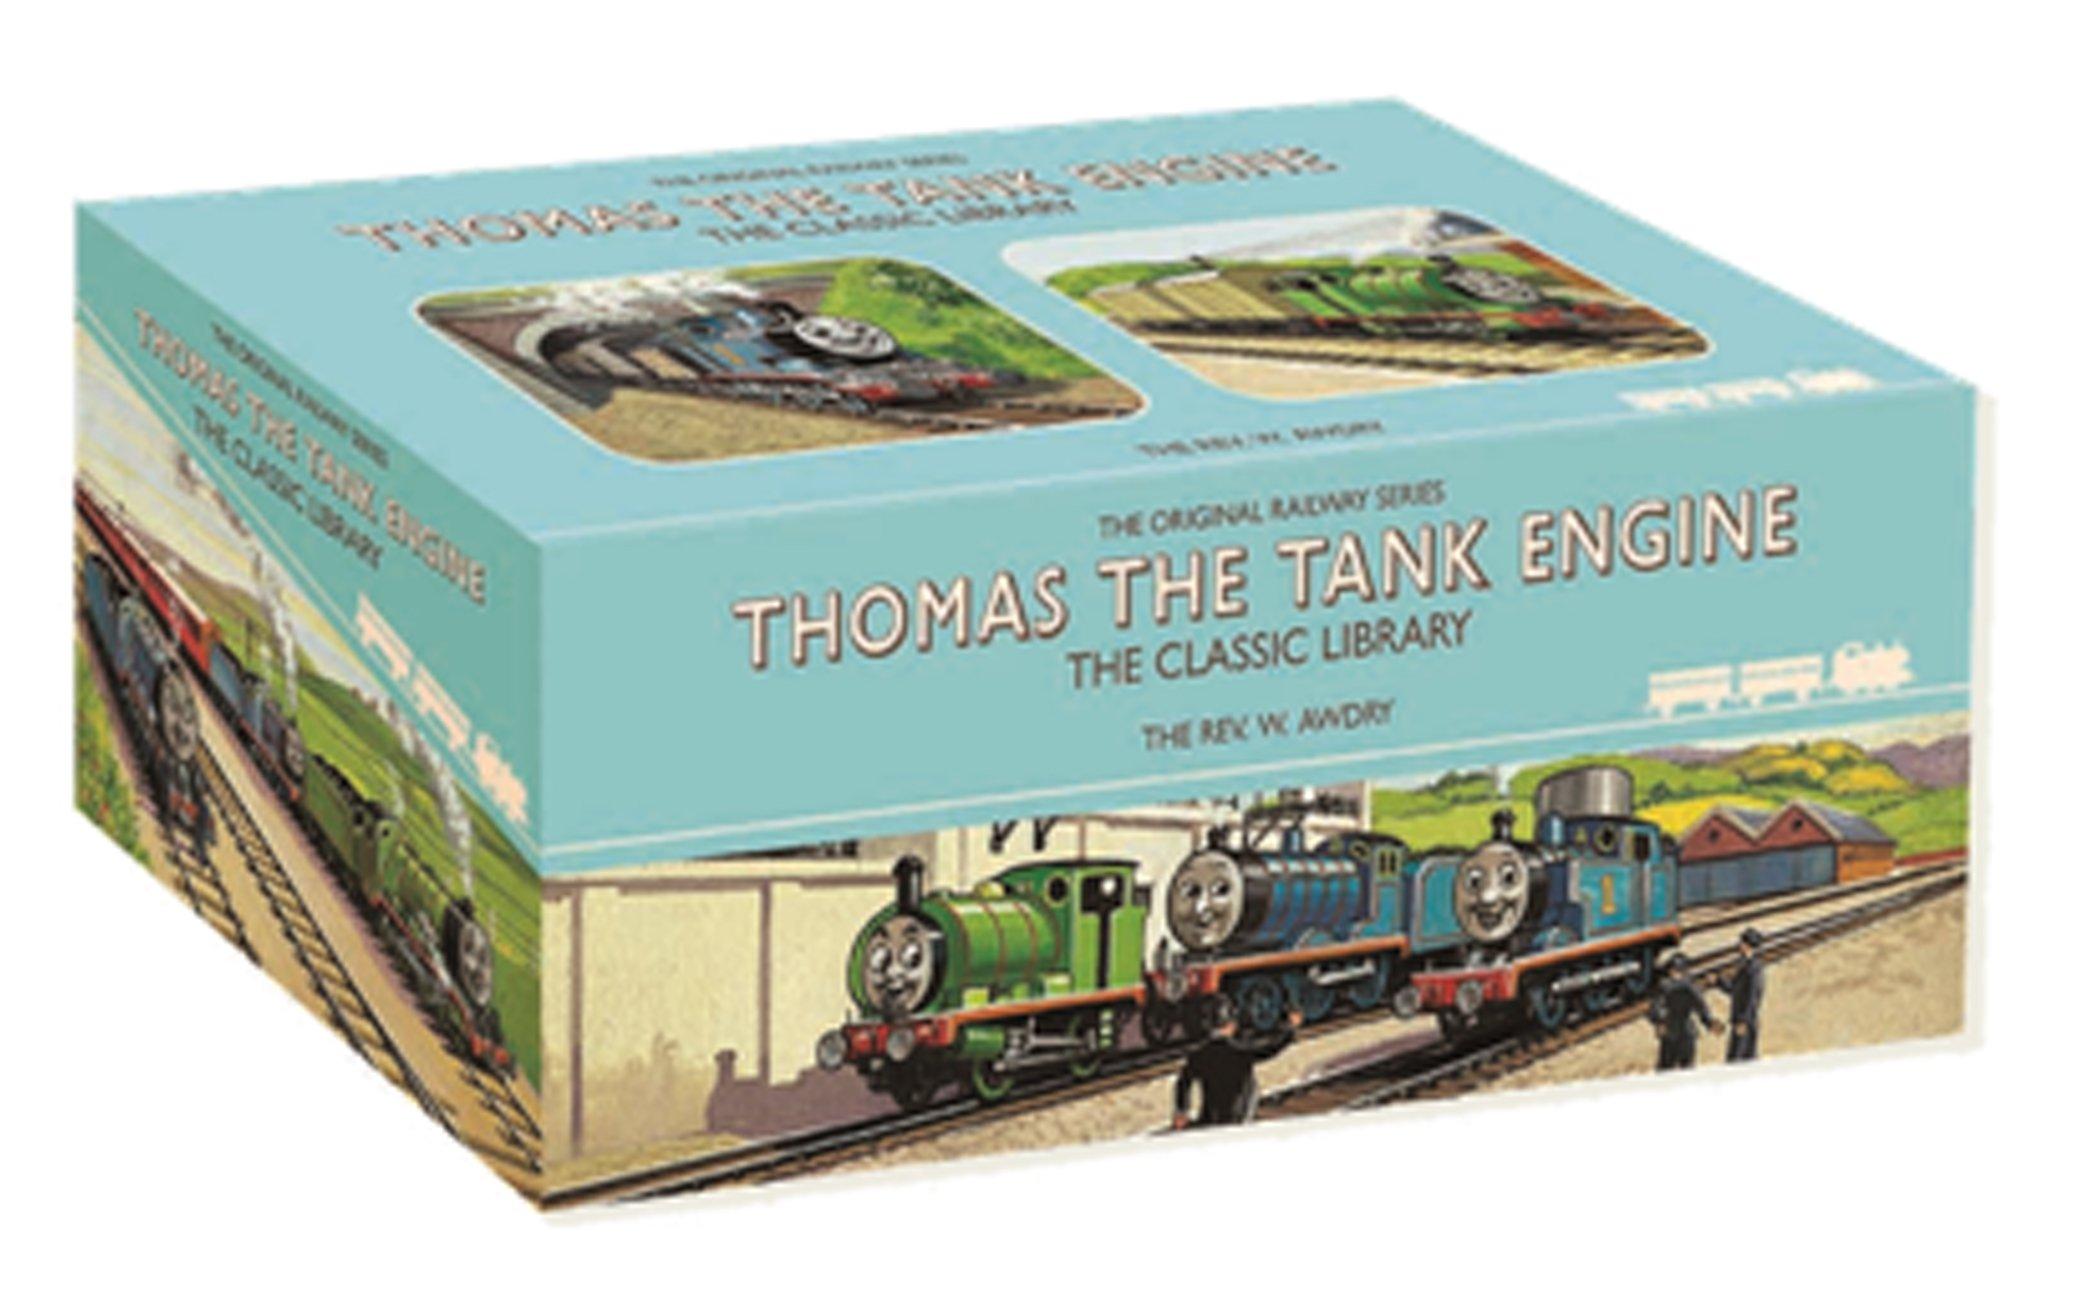 Thomas the Tank Engine: Railway Series Boxed Set